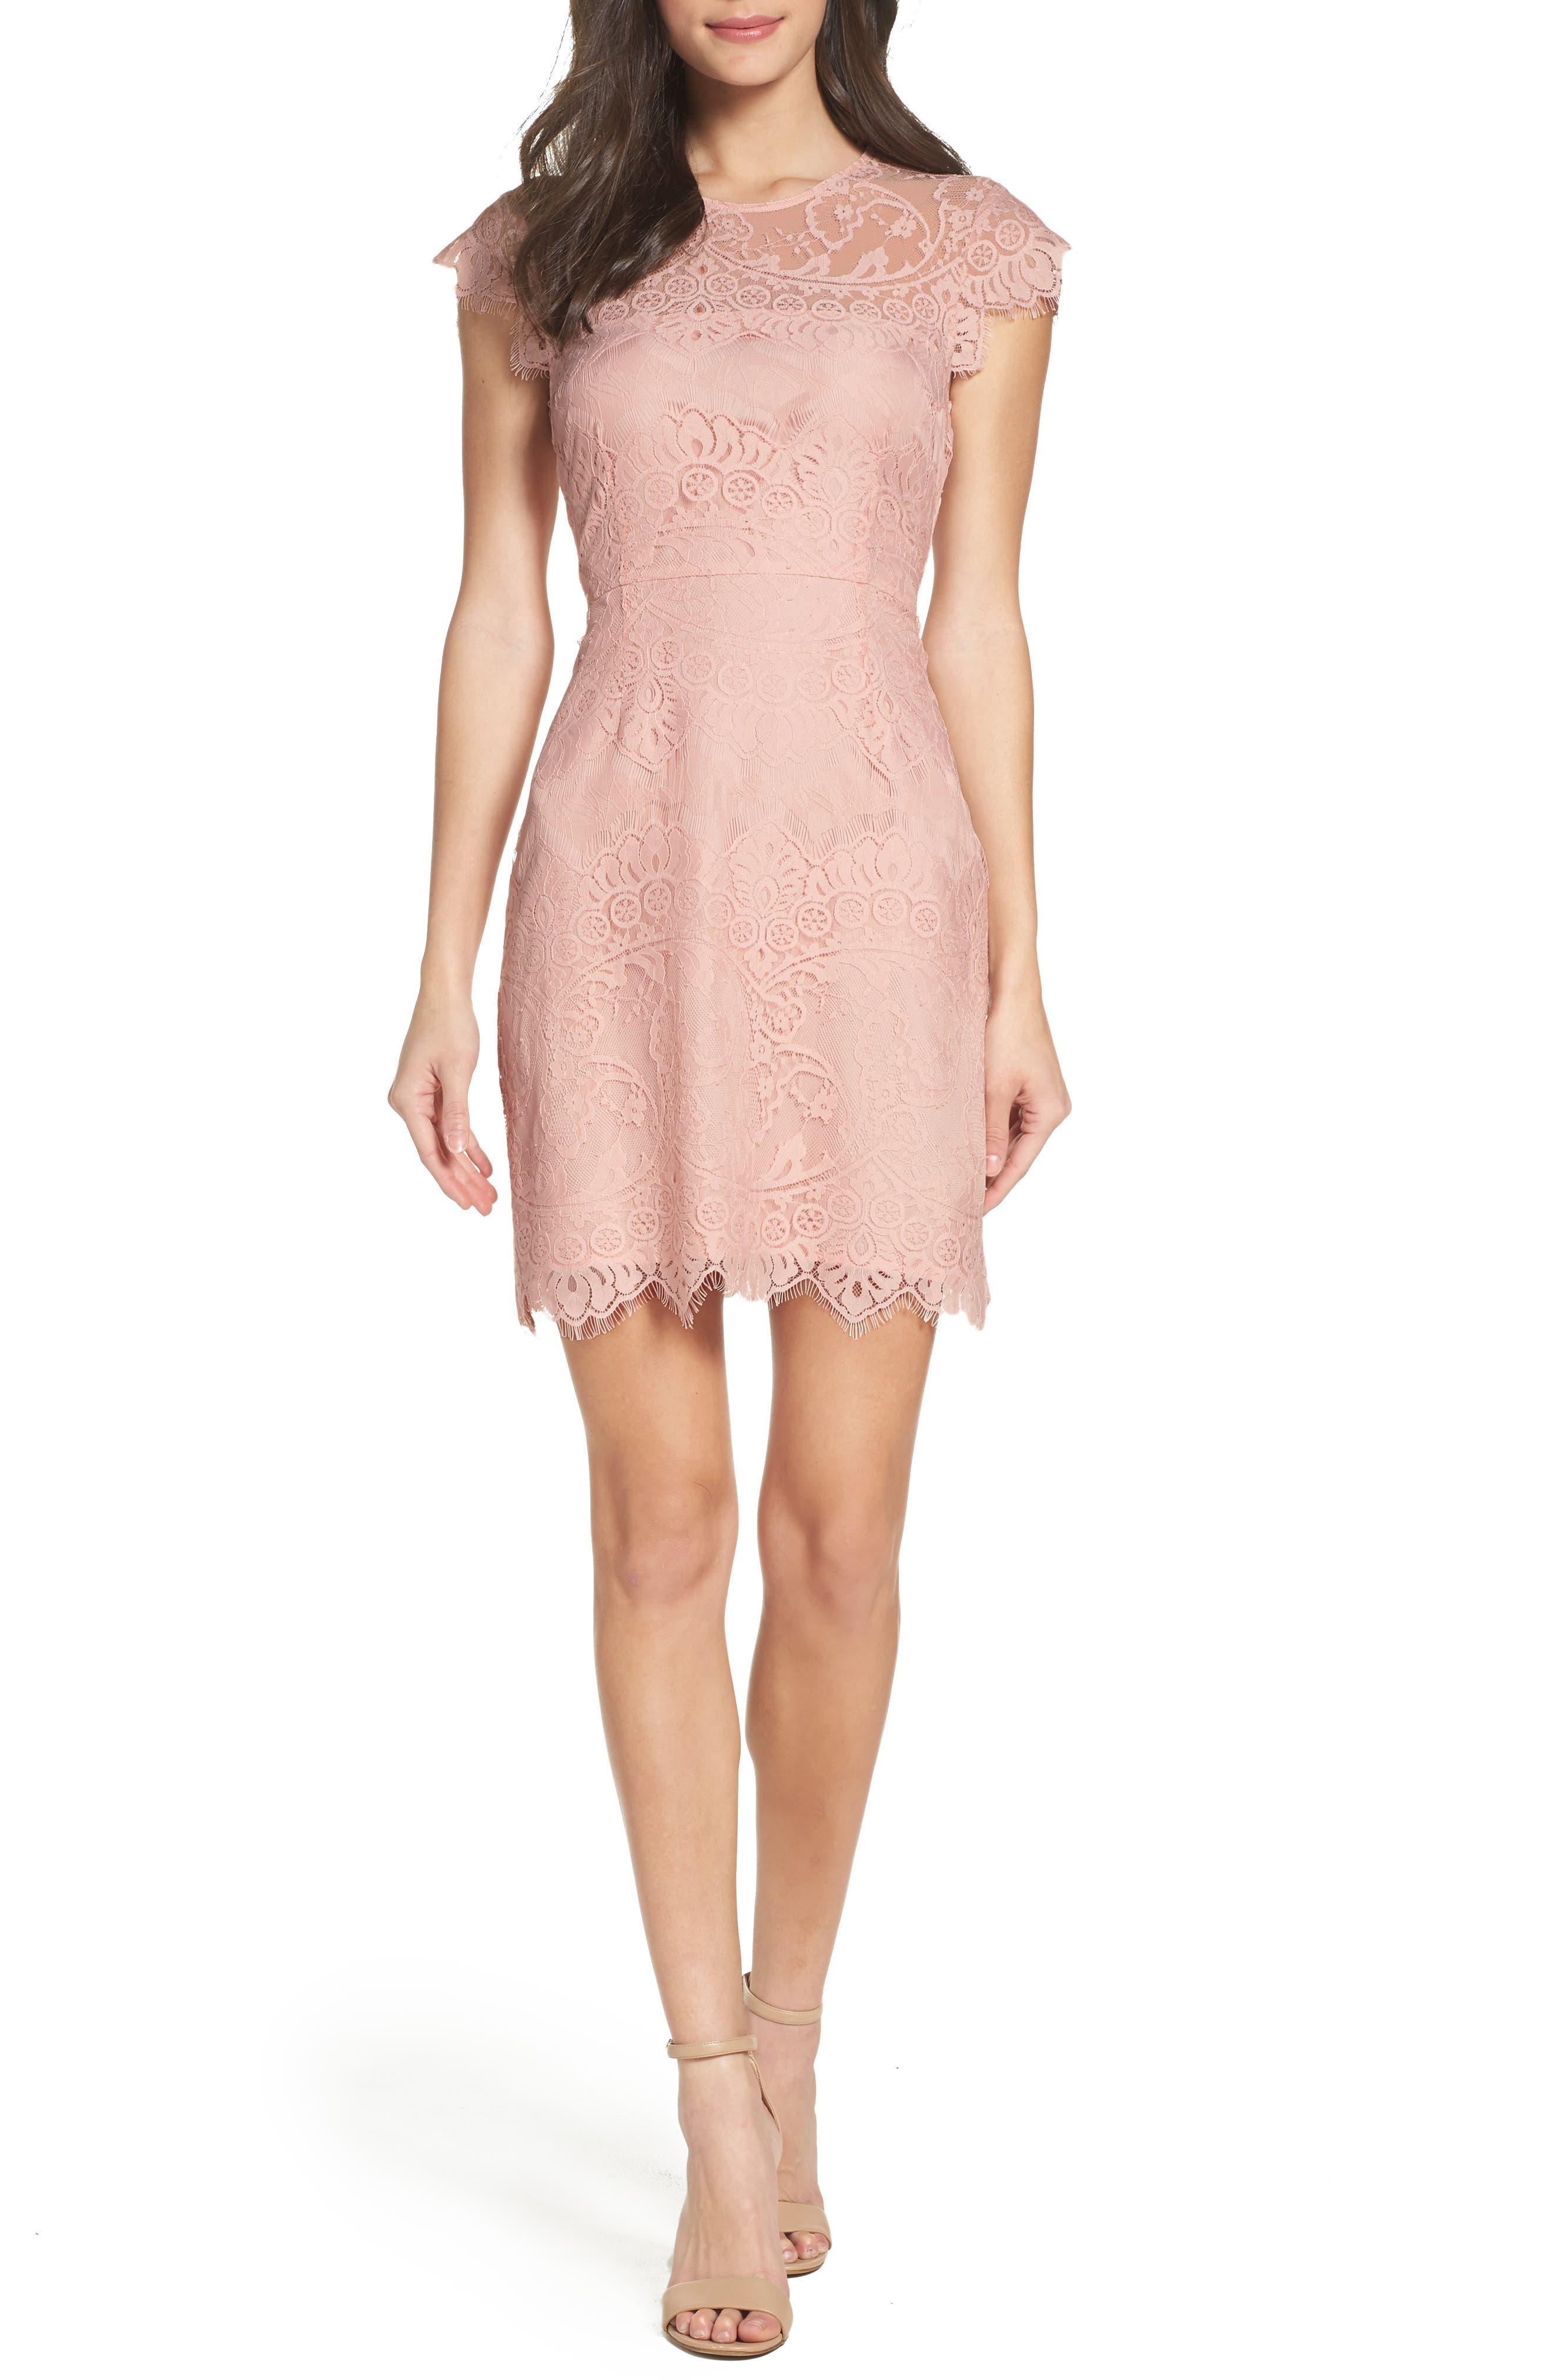 Bb Dakota Jayce Lace Sheath Dress, Pink